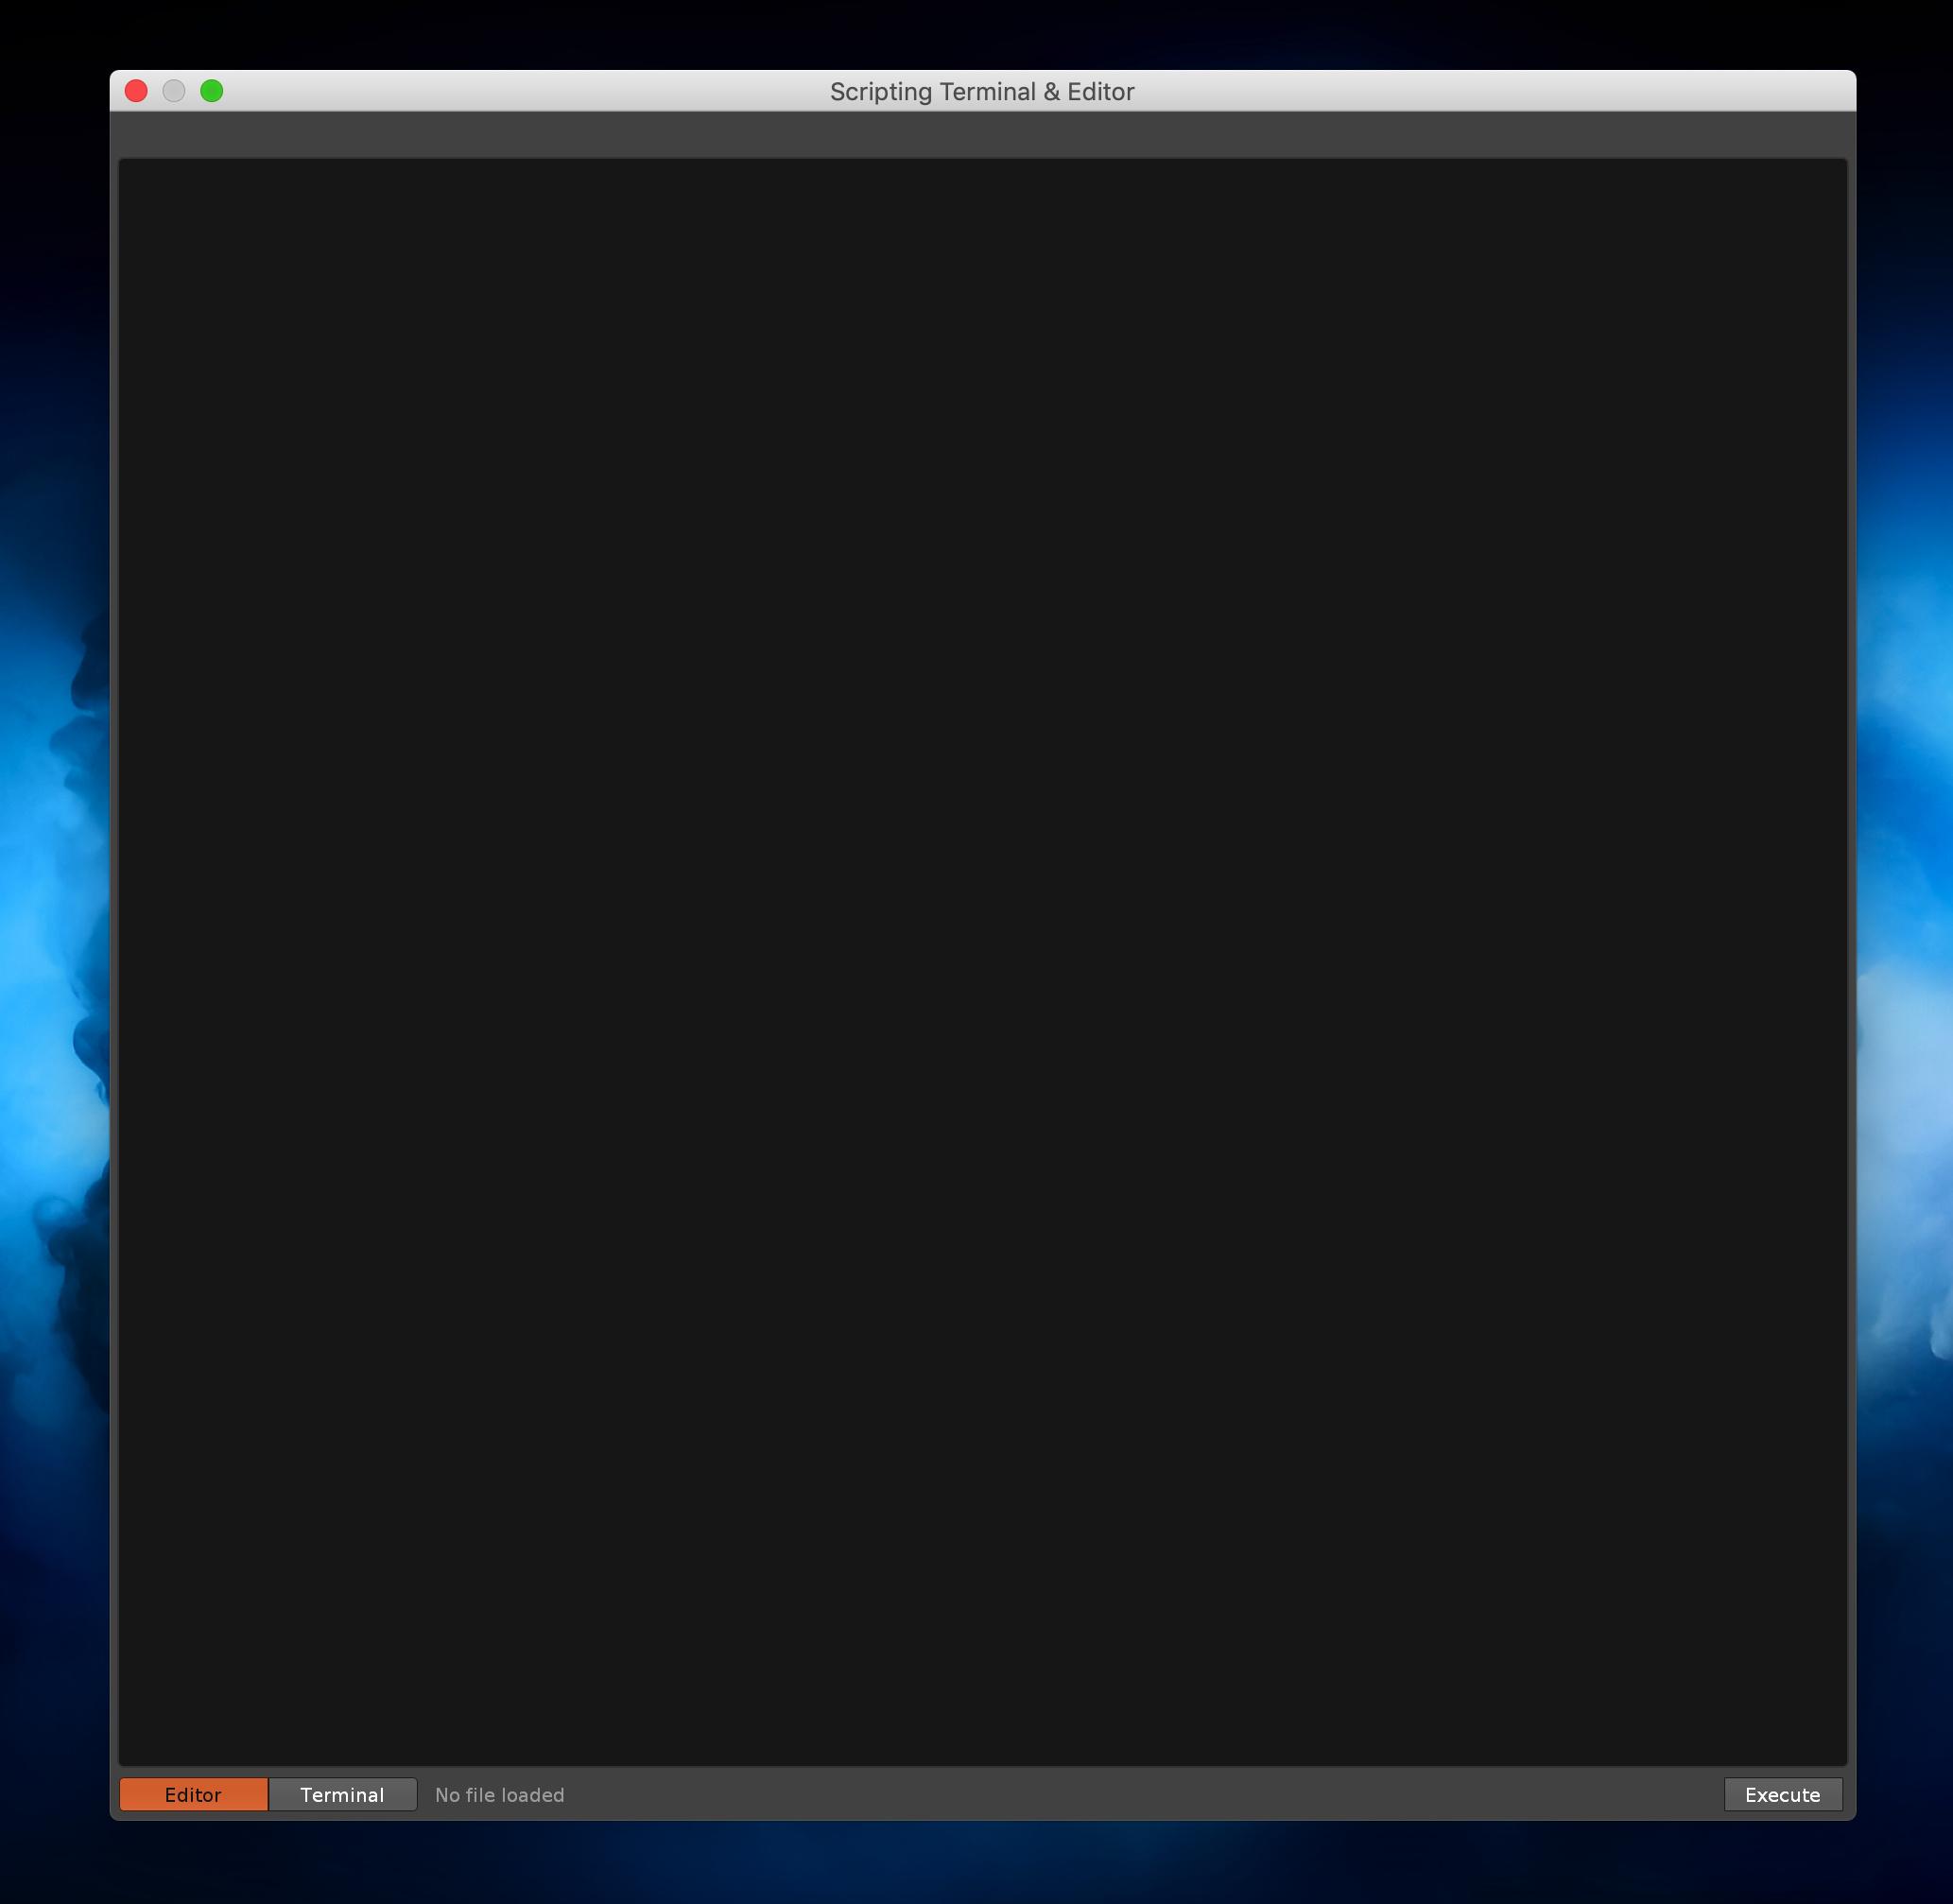 Screenshot 2020-08-03 at 13.53.33